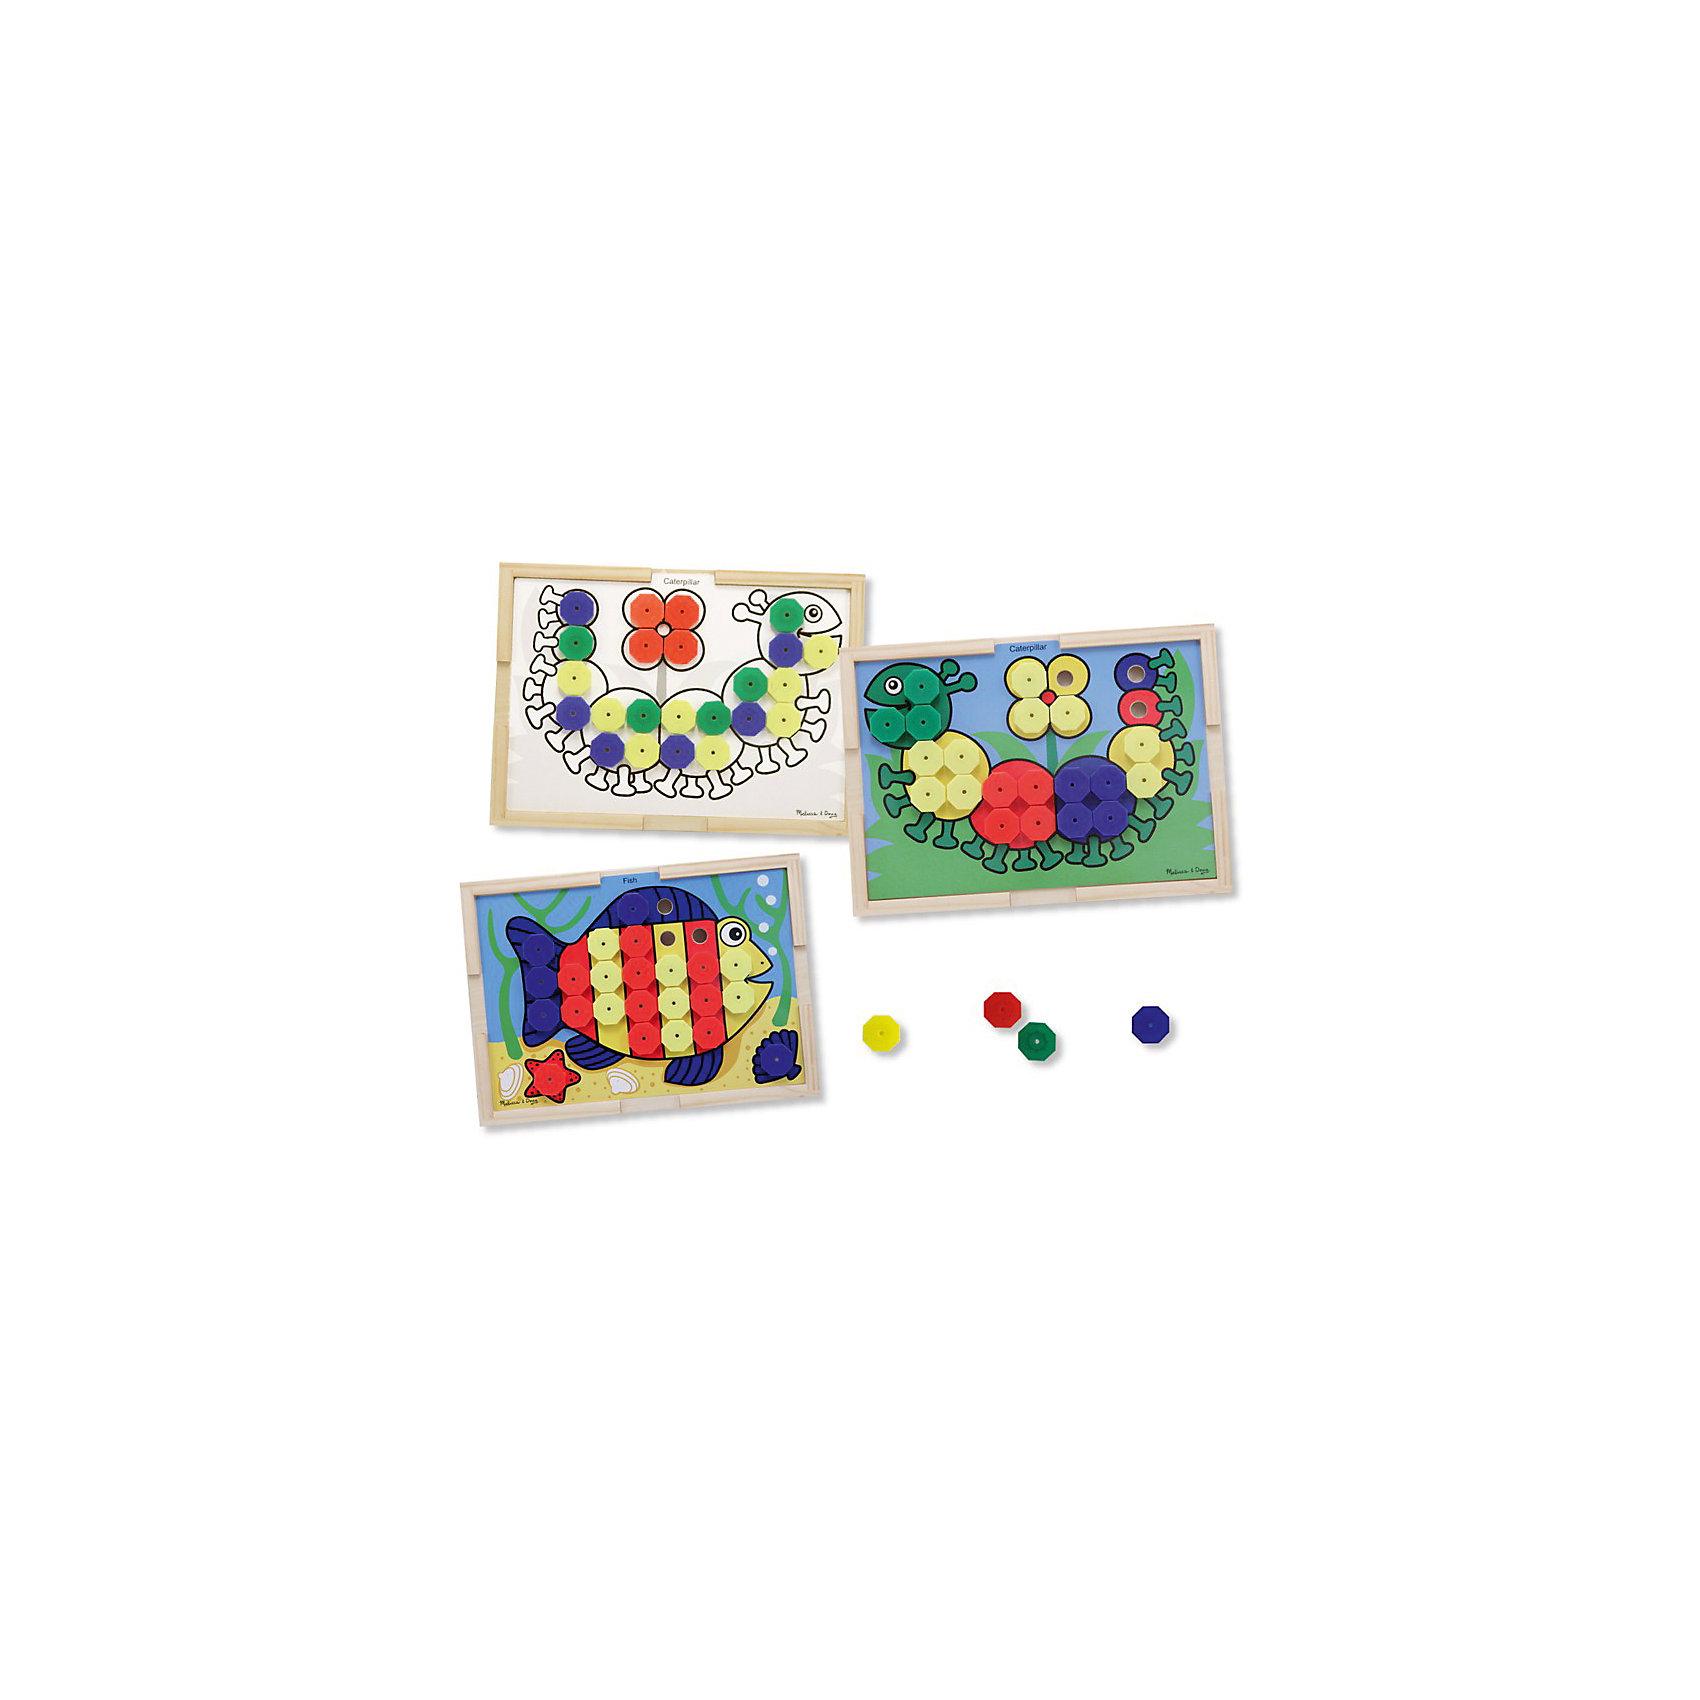 Набор Подбери правильный цвет, Melissa &amp; DougРазвивающие игрушки<br>Набор Подбери правильный цвет, Melissa &amp; Doug (Мелисса и Даг).<br><br>Характеристики:<br><br>- В наборе: деревянная доска-рамка; 10 двухсторонних карточек – на одной стороне цветной рисунок, с другой – черно-белый; 64 разноцветных элемента мозаики<br>- Размер доски: 40х29х6 см.<br>- Материал: древесина, картон<br><br>С красочным развивающим набором Подбери правильный цвет ваш малыш познакомится с основными цветами и научится собирать картинки. На 10 двухсторонних карточках изображены рыбка, гусеничка, черепаха, крокодил, попугай и другие картинки. На одной стороне карточки рисунок цветной, а на другой – черно-белый (для детей постарше). Каждая картинка представляет собой основу для сборки, которая крепится к деревянной доске-рамке. Малышу предстоит правильно подобрать цвет элемента мозаики, чтобы собрать картинку. Элементы мозаики крупные и удобные для детской ладошки. Деревянная доска-рамка имеет достаточно большой размер. Игра с набором Подбери правильный цвет способствует развитию зрительно-моторной связи, фантазии, логическому мышлению, цветовосприятию и отлично поднимает настроение.<br><br>Набор Подбери правильный цвет, Melissa &amp; Doug (Мелисса и Даг) можно купить в нашем интернет-магазине.<br><br>Ширина мм: 400<br>Глубина мм: 60<br>Высота мм: 290<br>Вес г: 1157<br>Возраст от месяцев: 36<br>Возраст до месяцев: 2147483647<br>Пол: Унисекс<br>Возраст: Детский<br>SKU: 5074356